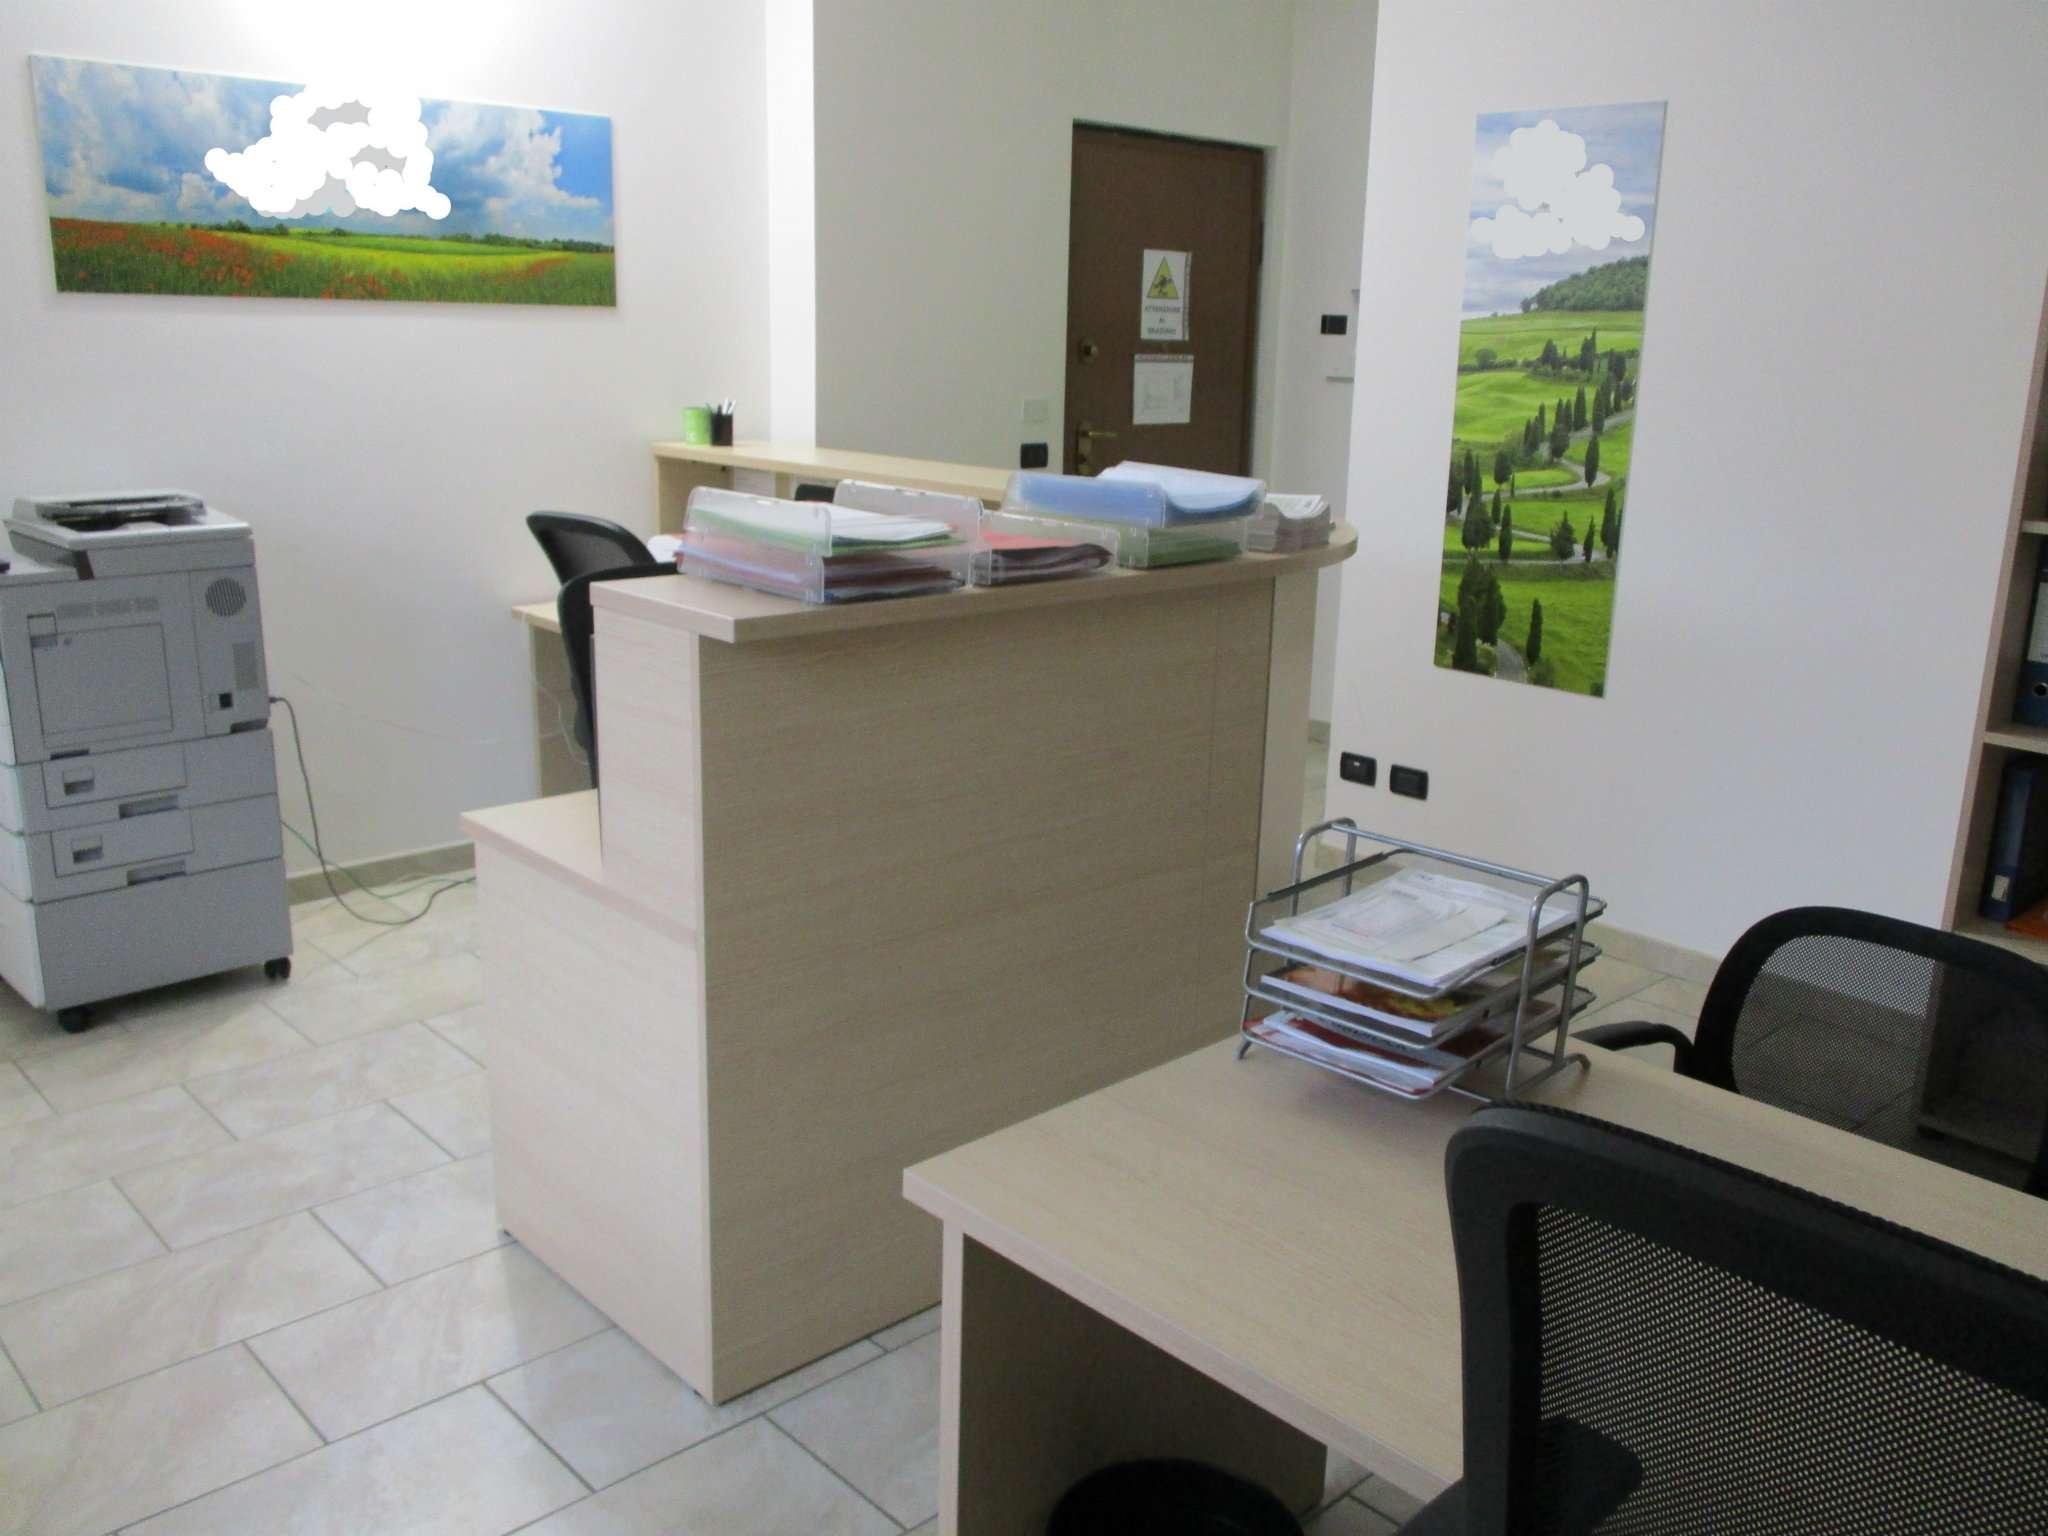 Ufficio / Studio in affitto a Vinovo, 2 locali, prezzo € 550 | PortaleAgenzieImmobiliari.it